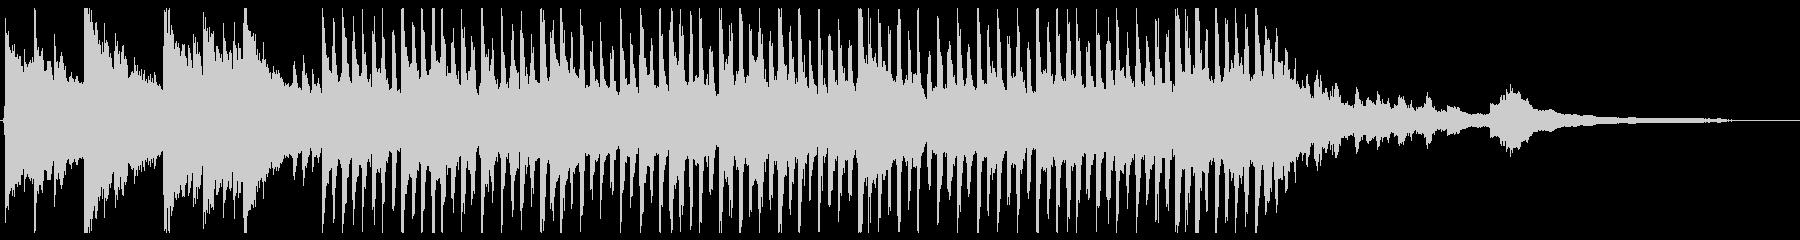 ゆったり目の明るいコーポレート_50秒の未再生の波形